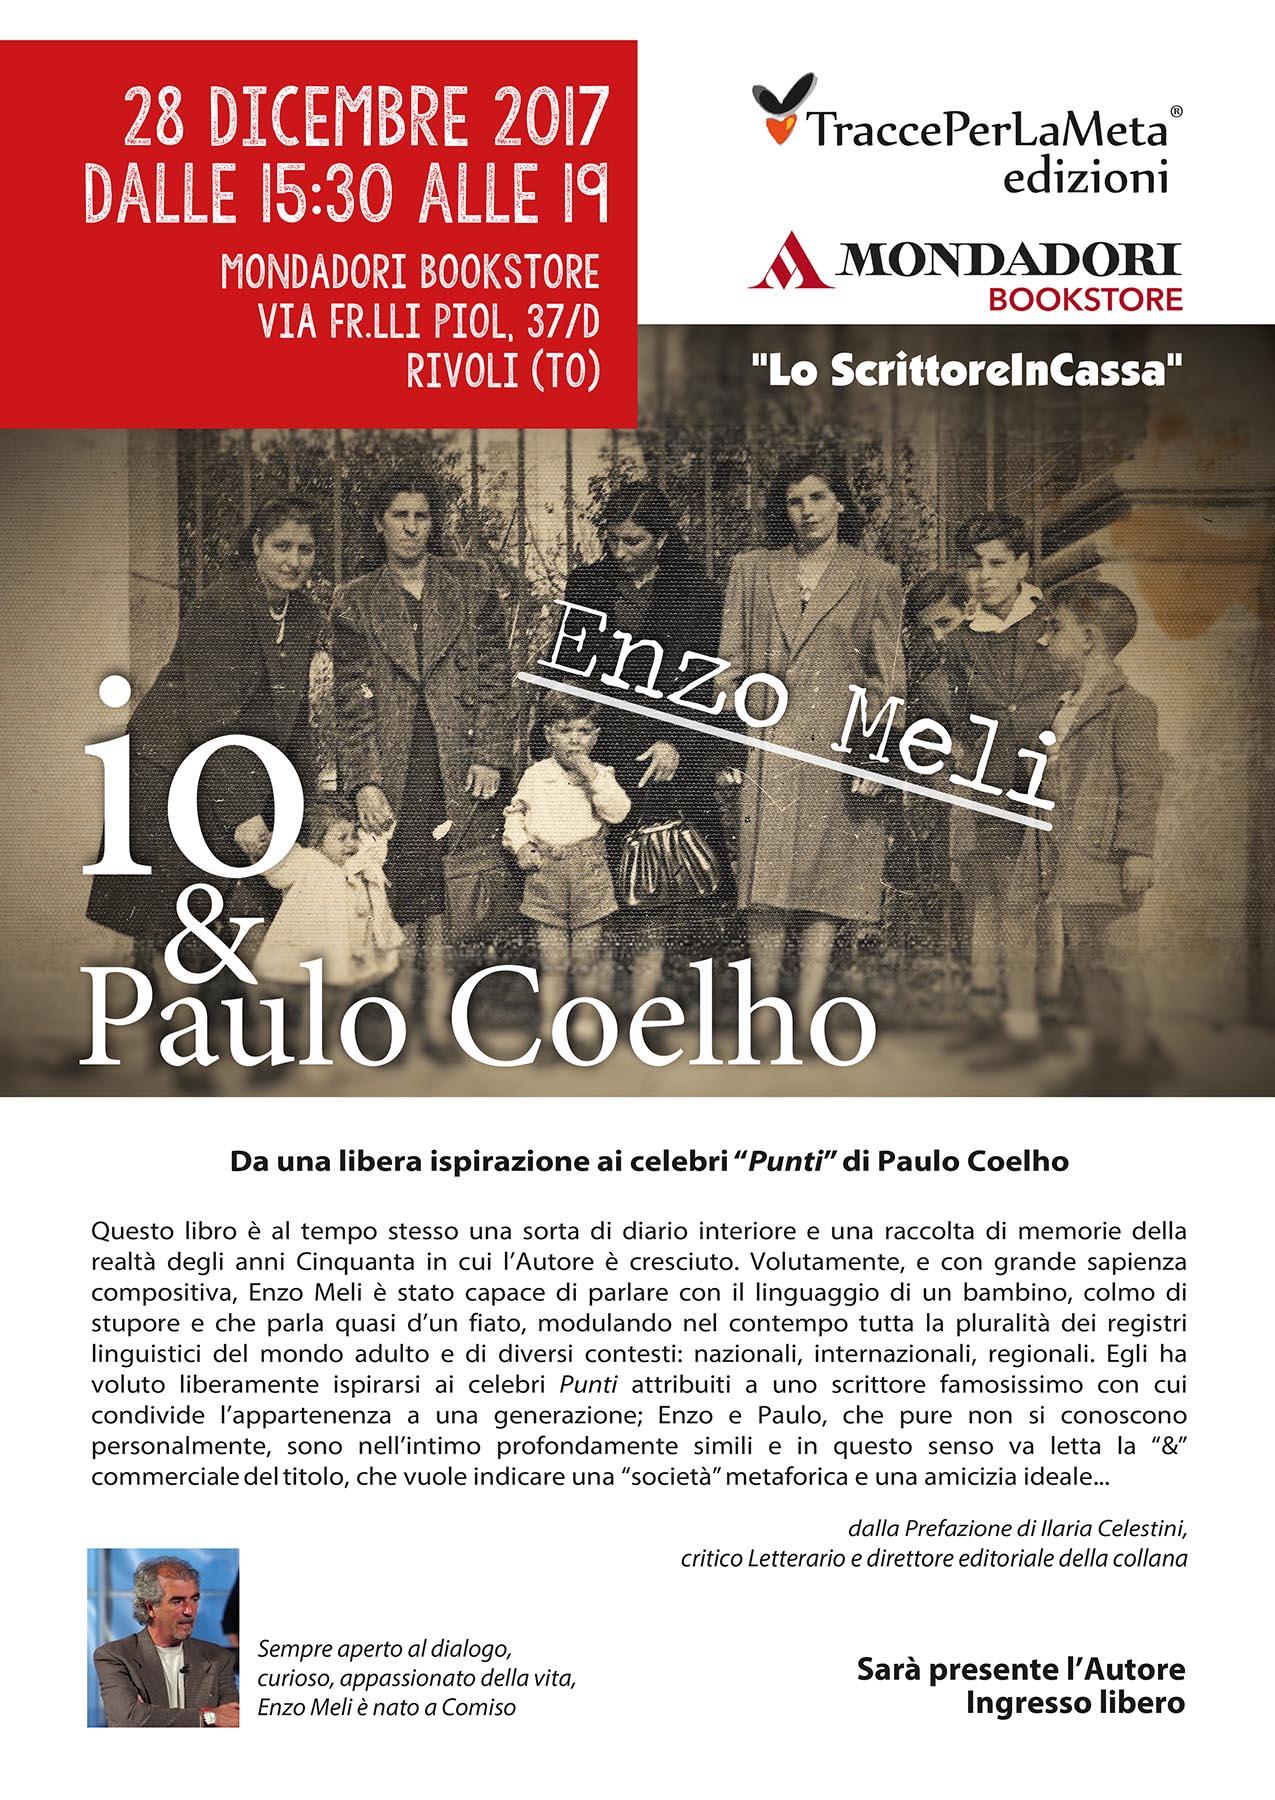 28.12.2017 – Lo ScrittoreInCassa – Enzo Meli alla Mondadori BookStore di Rivoli (TO)